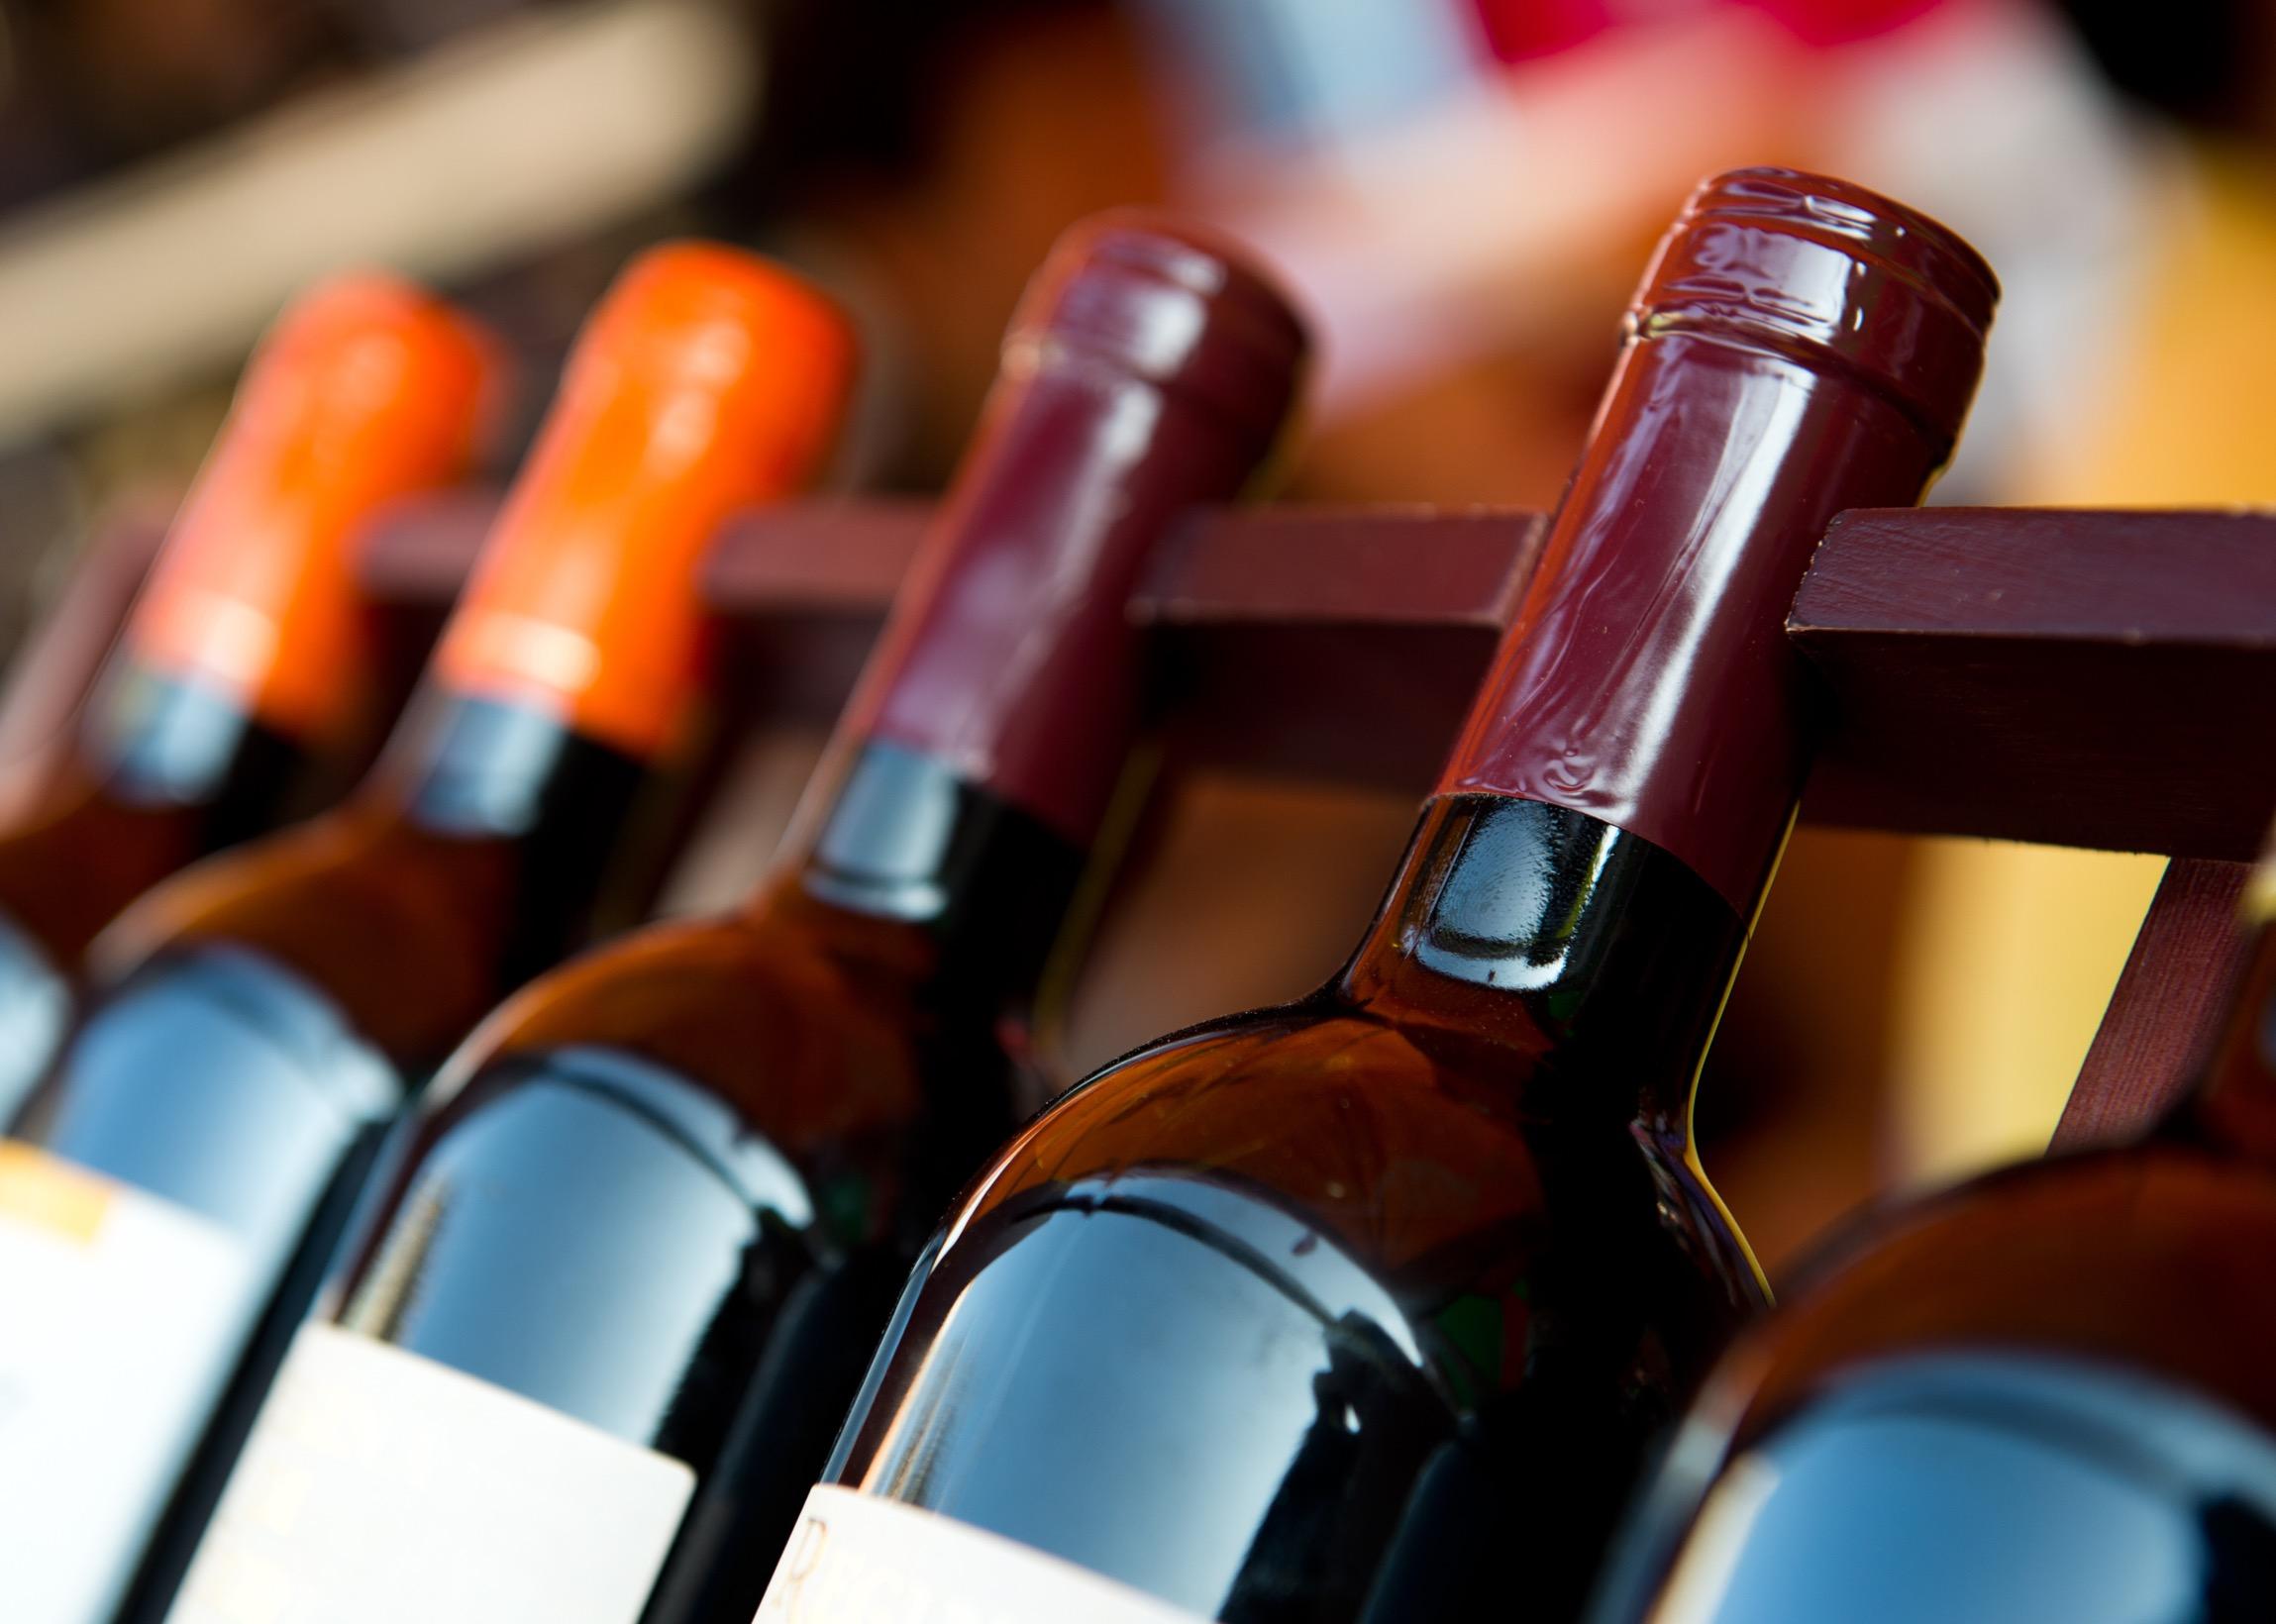 ワインには賞味期限がない?おいしい飲み頃は?